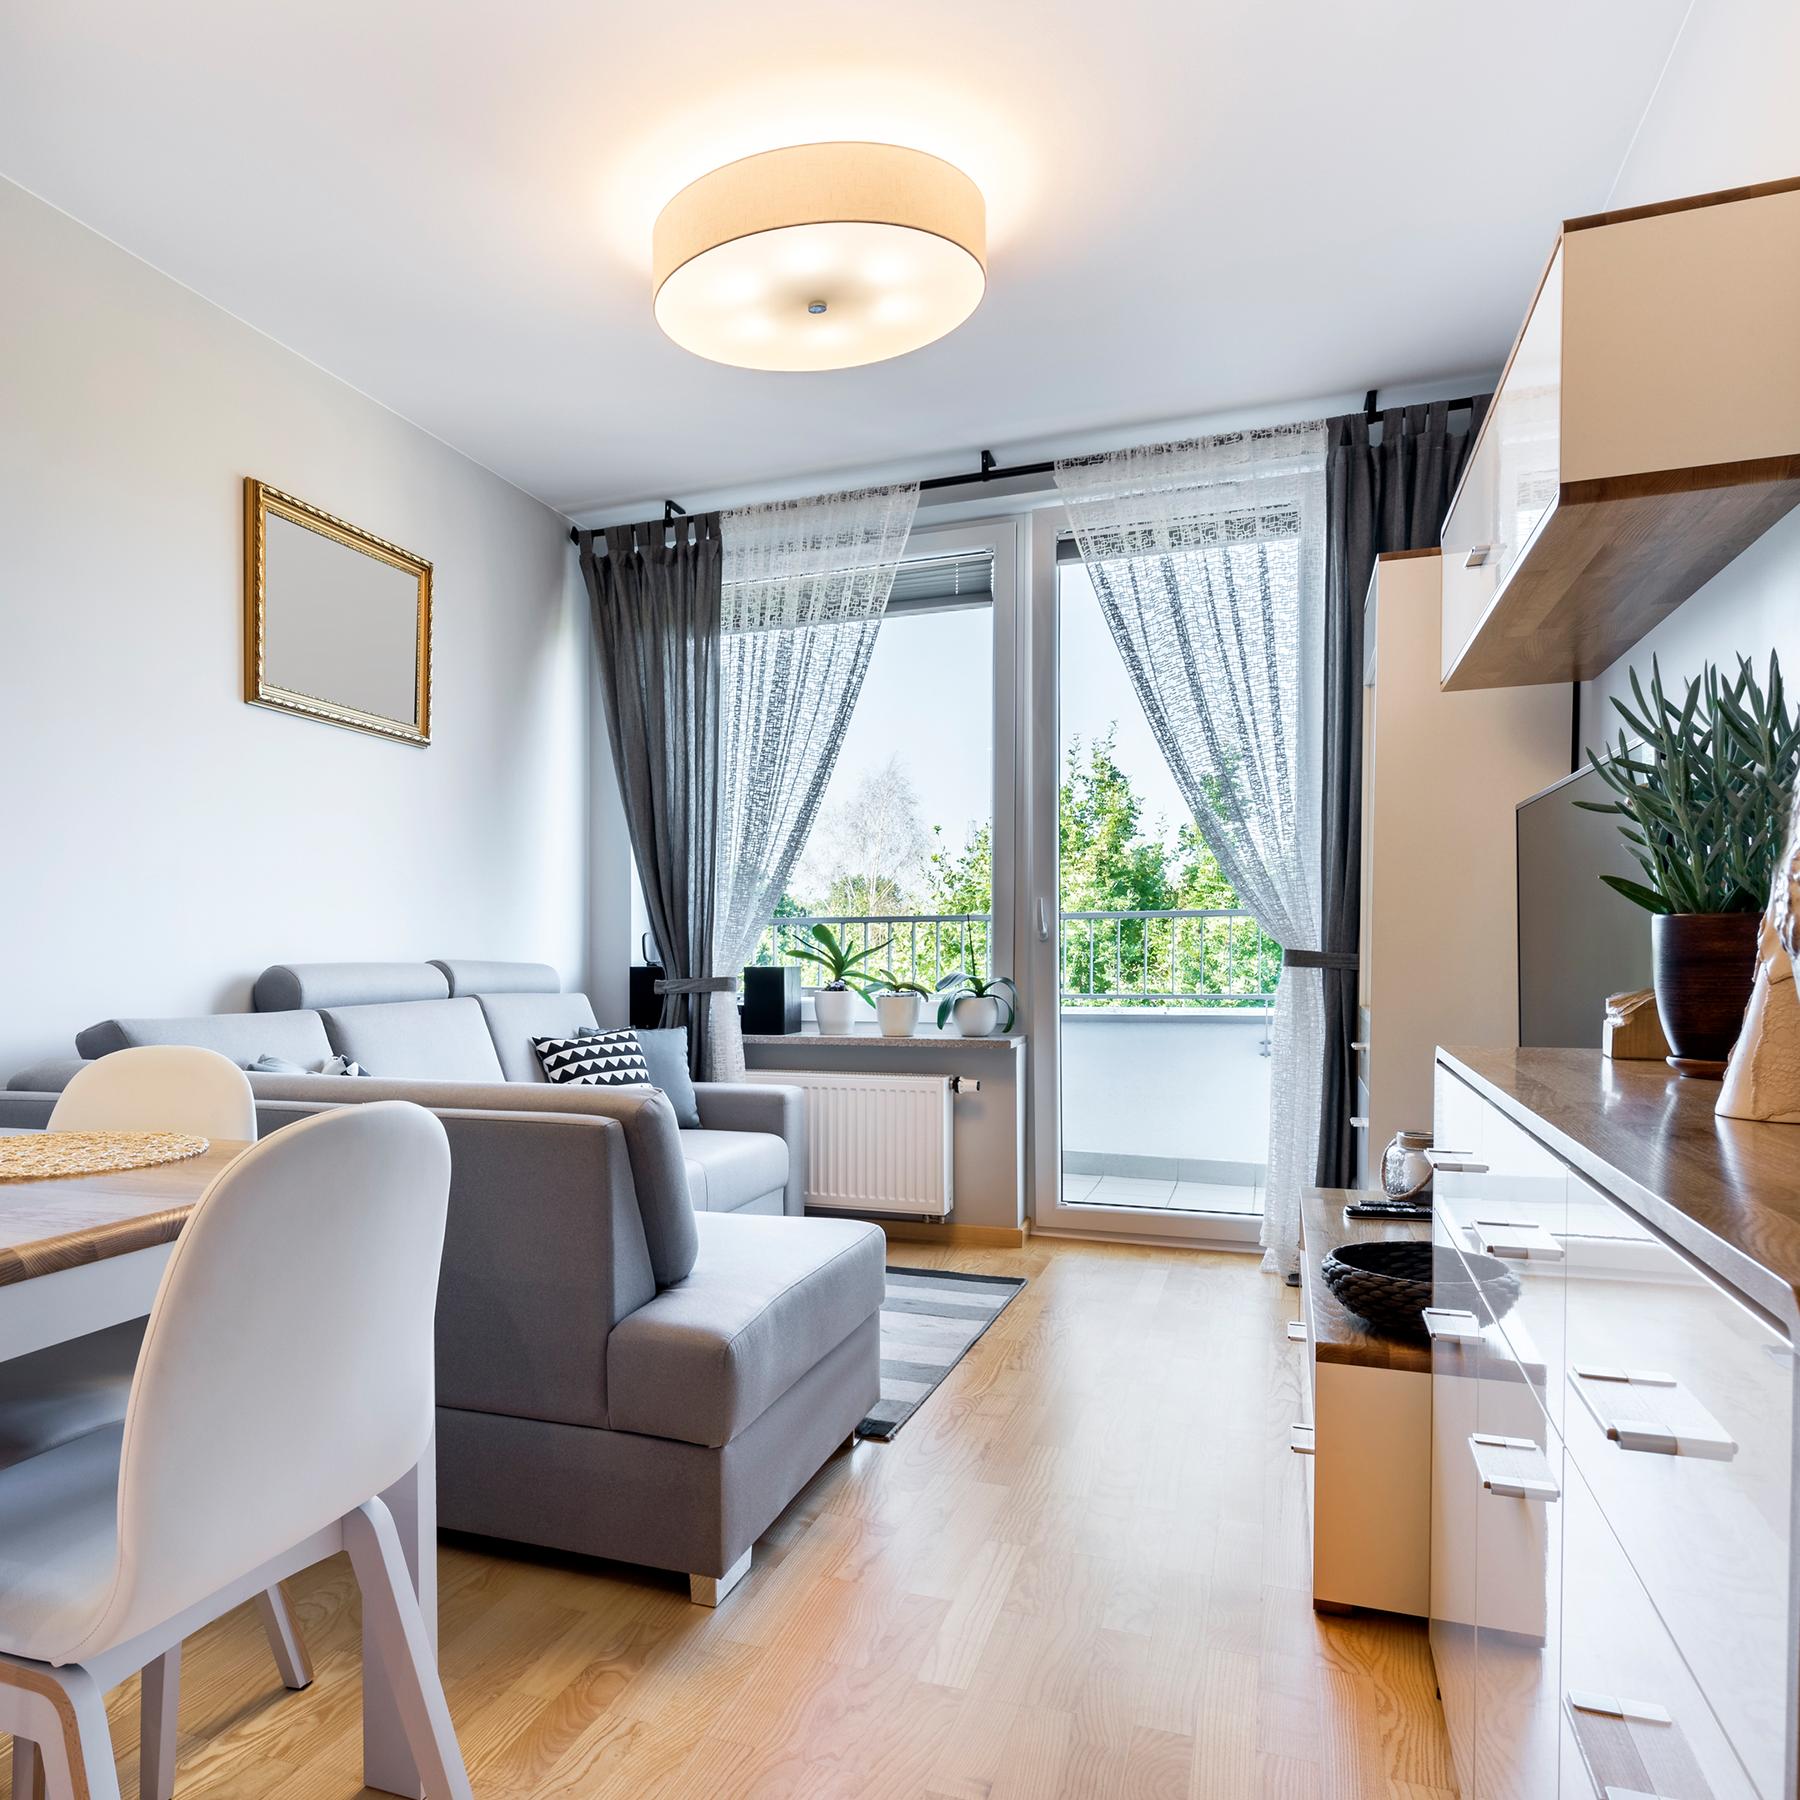 Photo of a condo living room